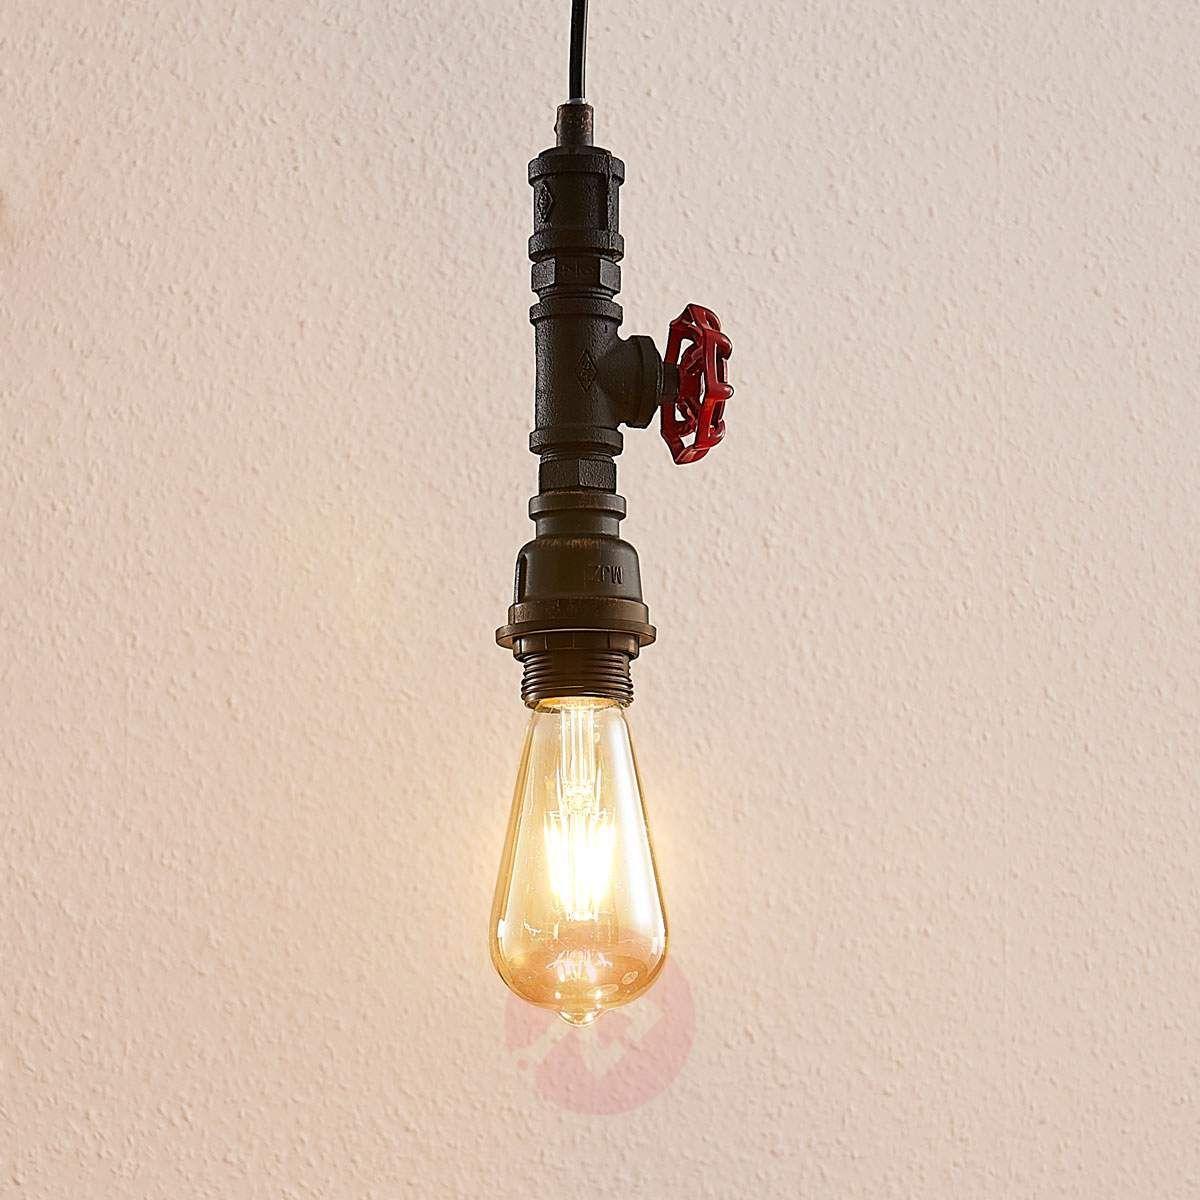 Vintage Lampa Wisząca Paio Stylistyka Kurka Lampy